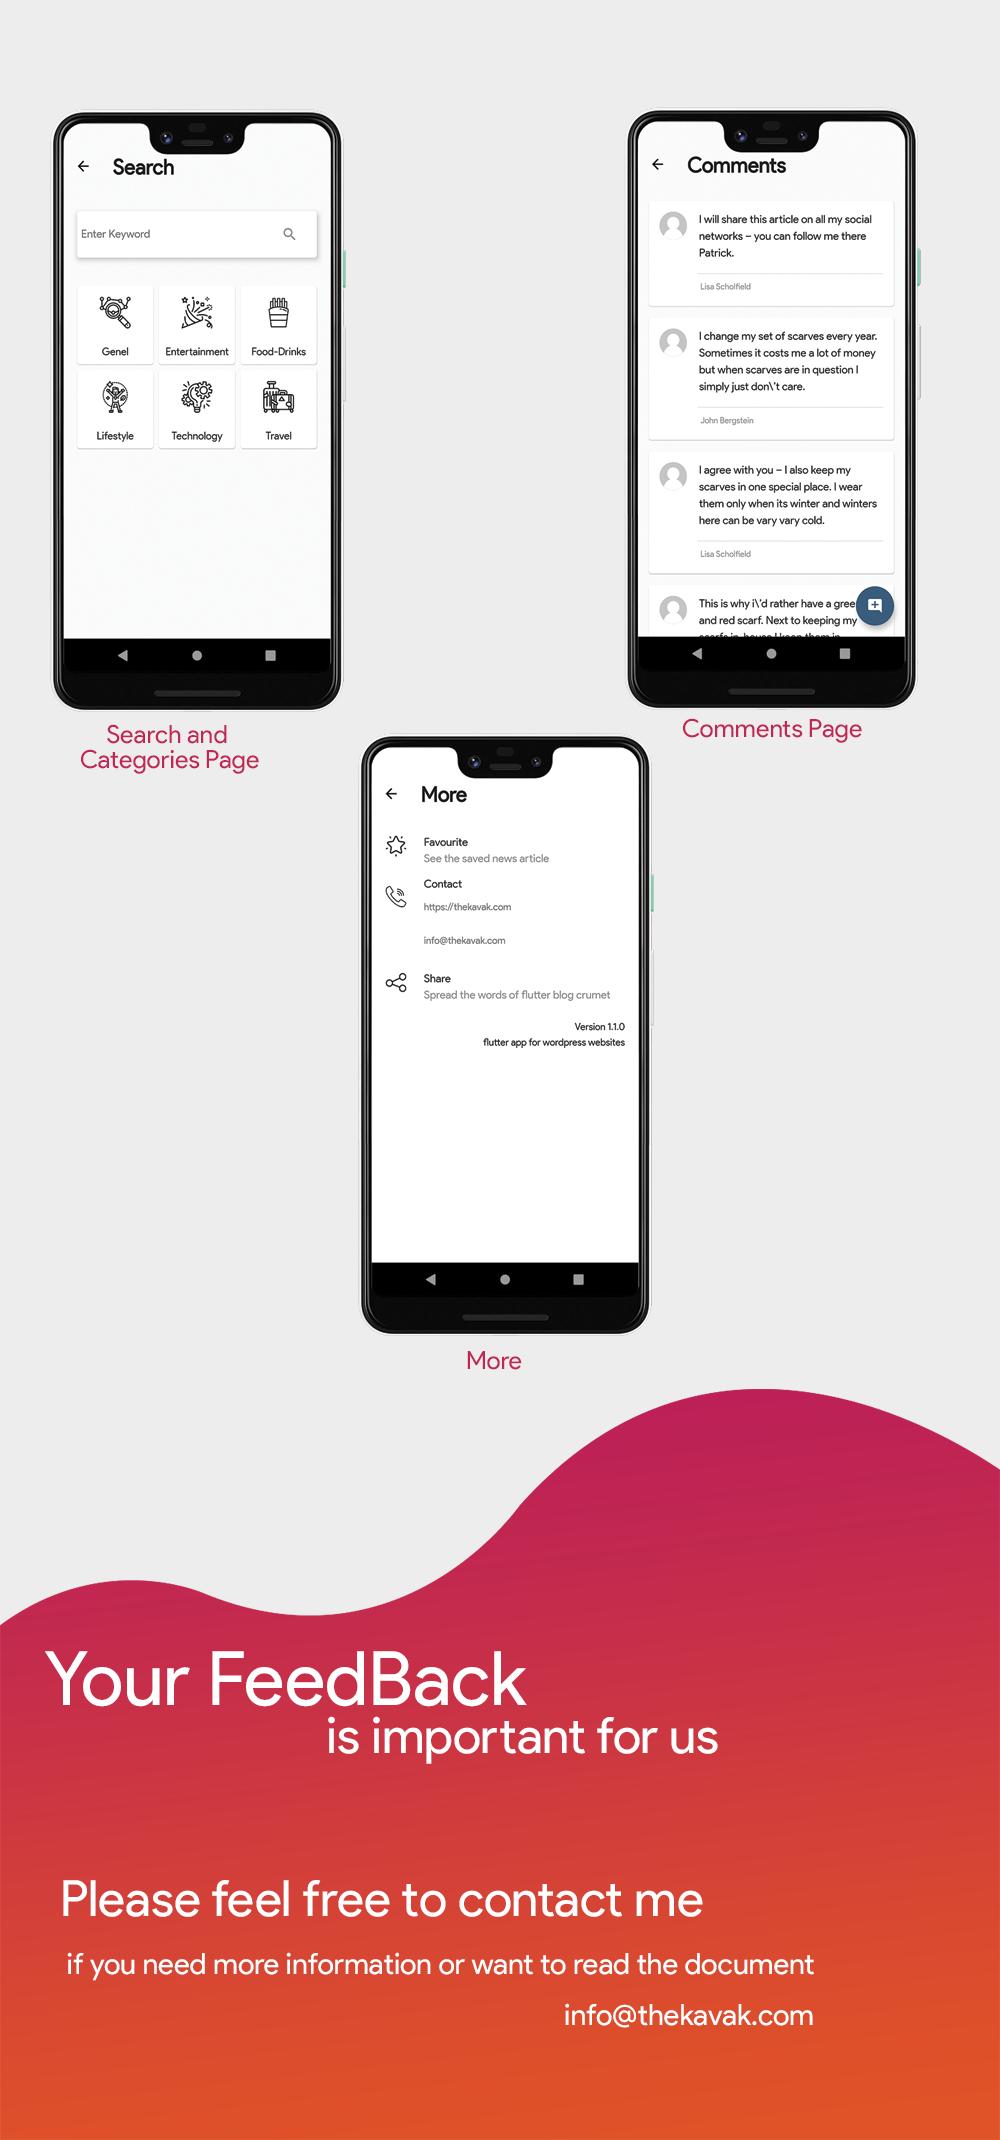 TheKavak App